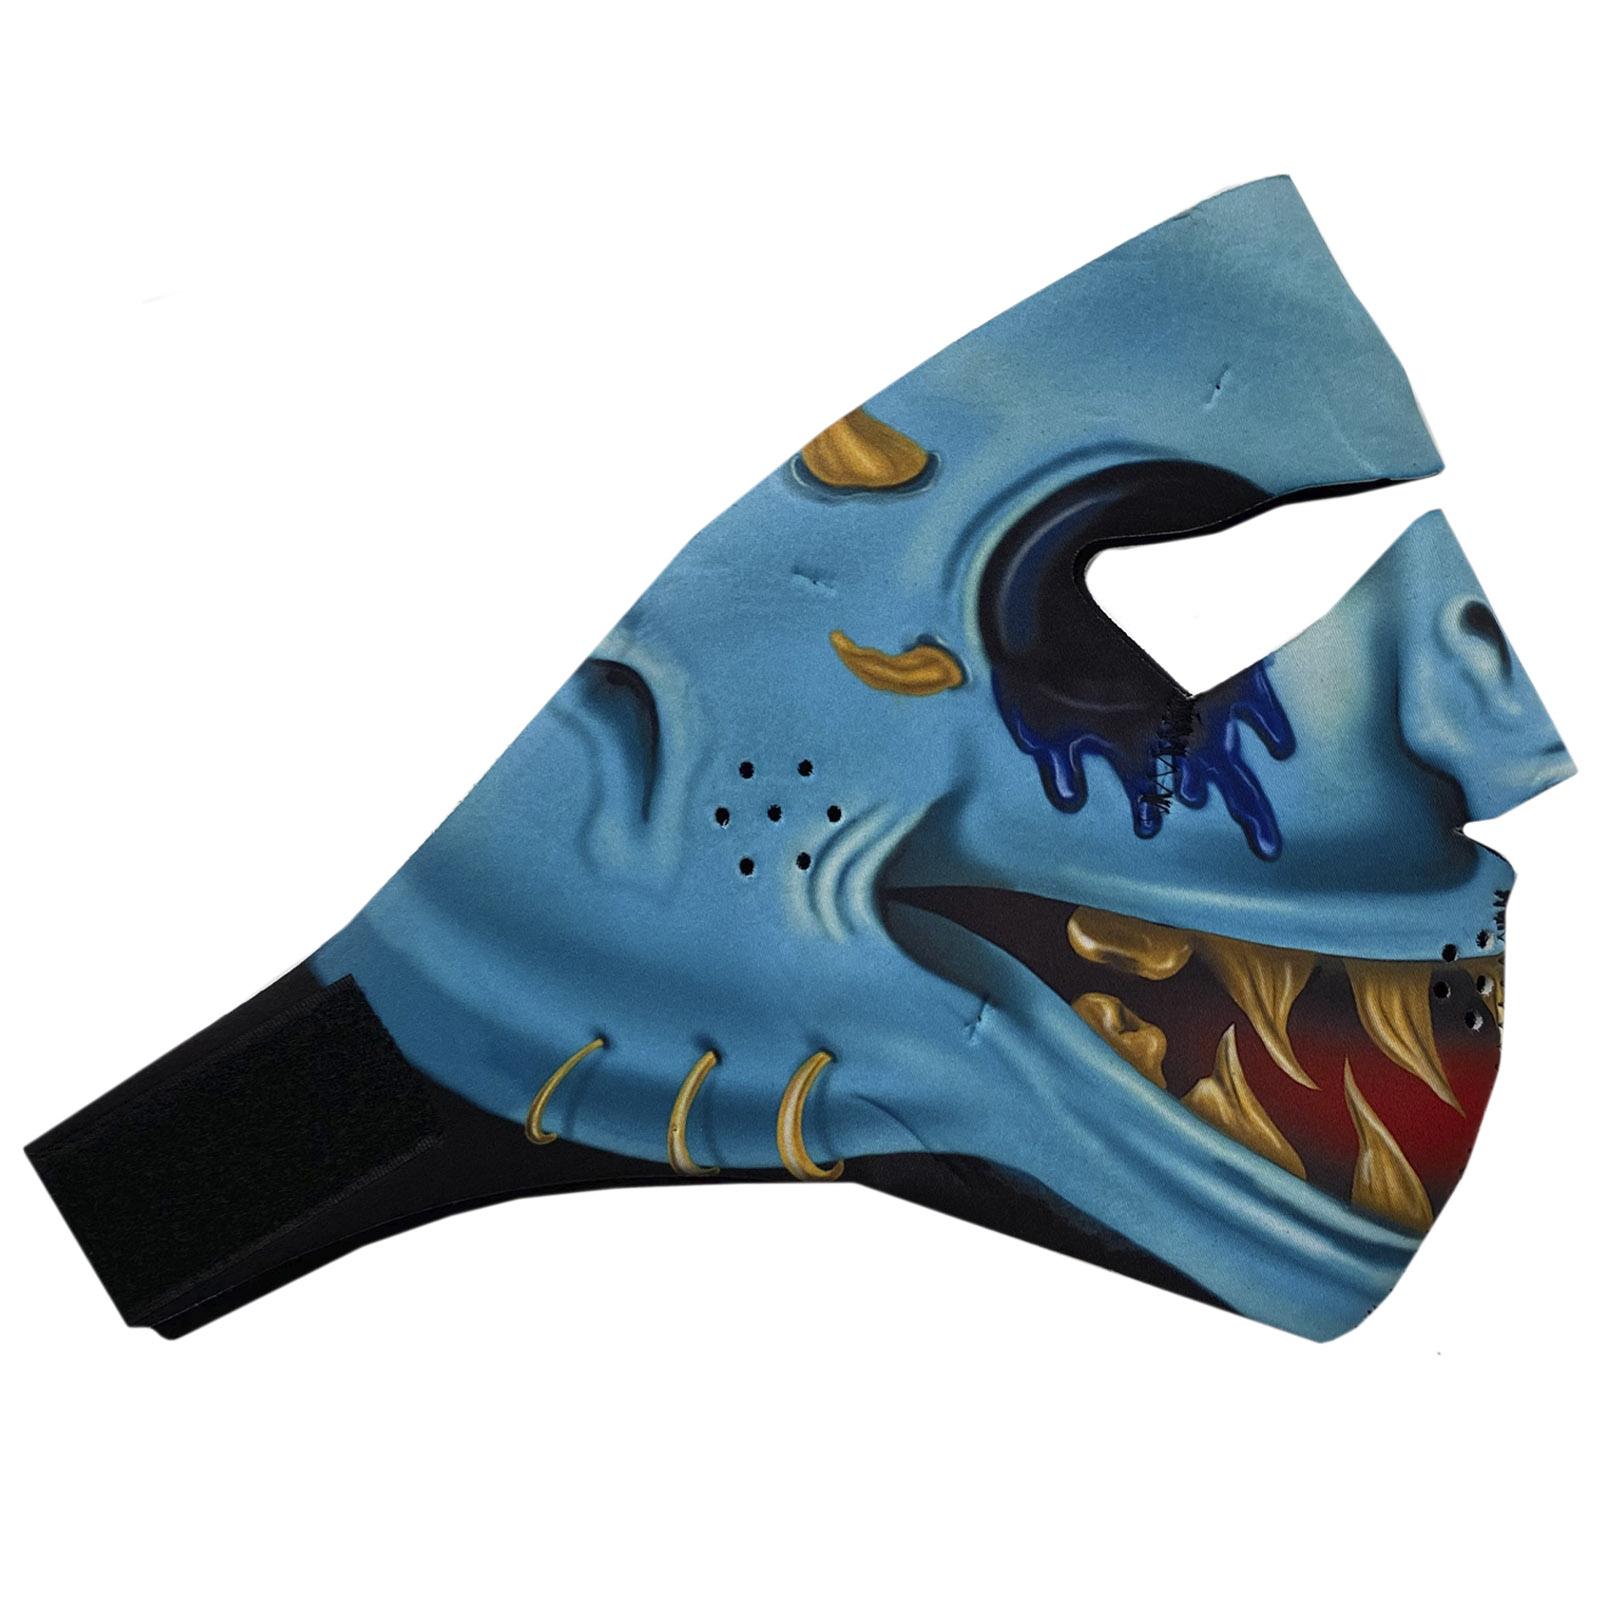 Неопреновая антикоронавирусная маска Wild Wear Reptilian